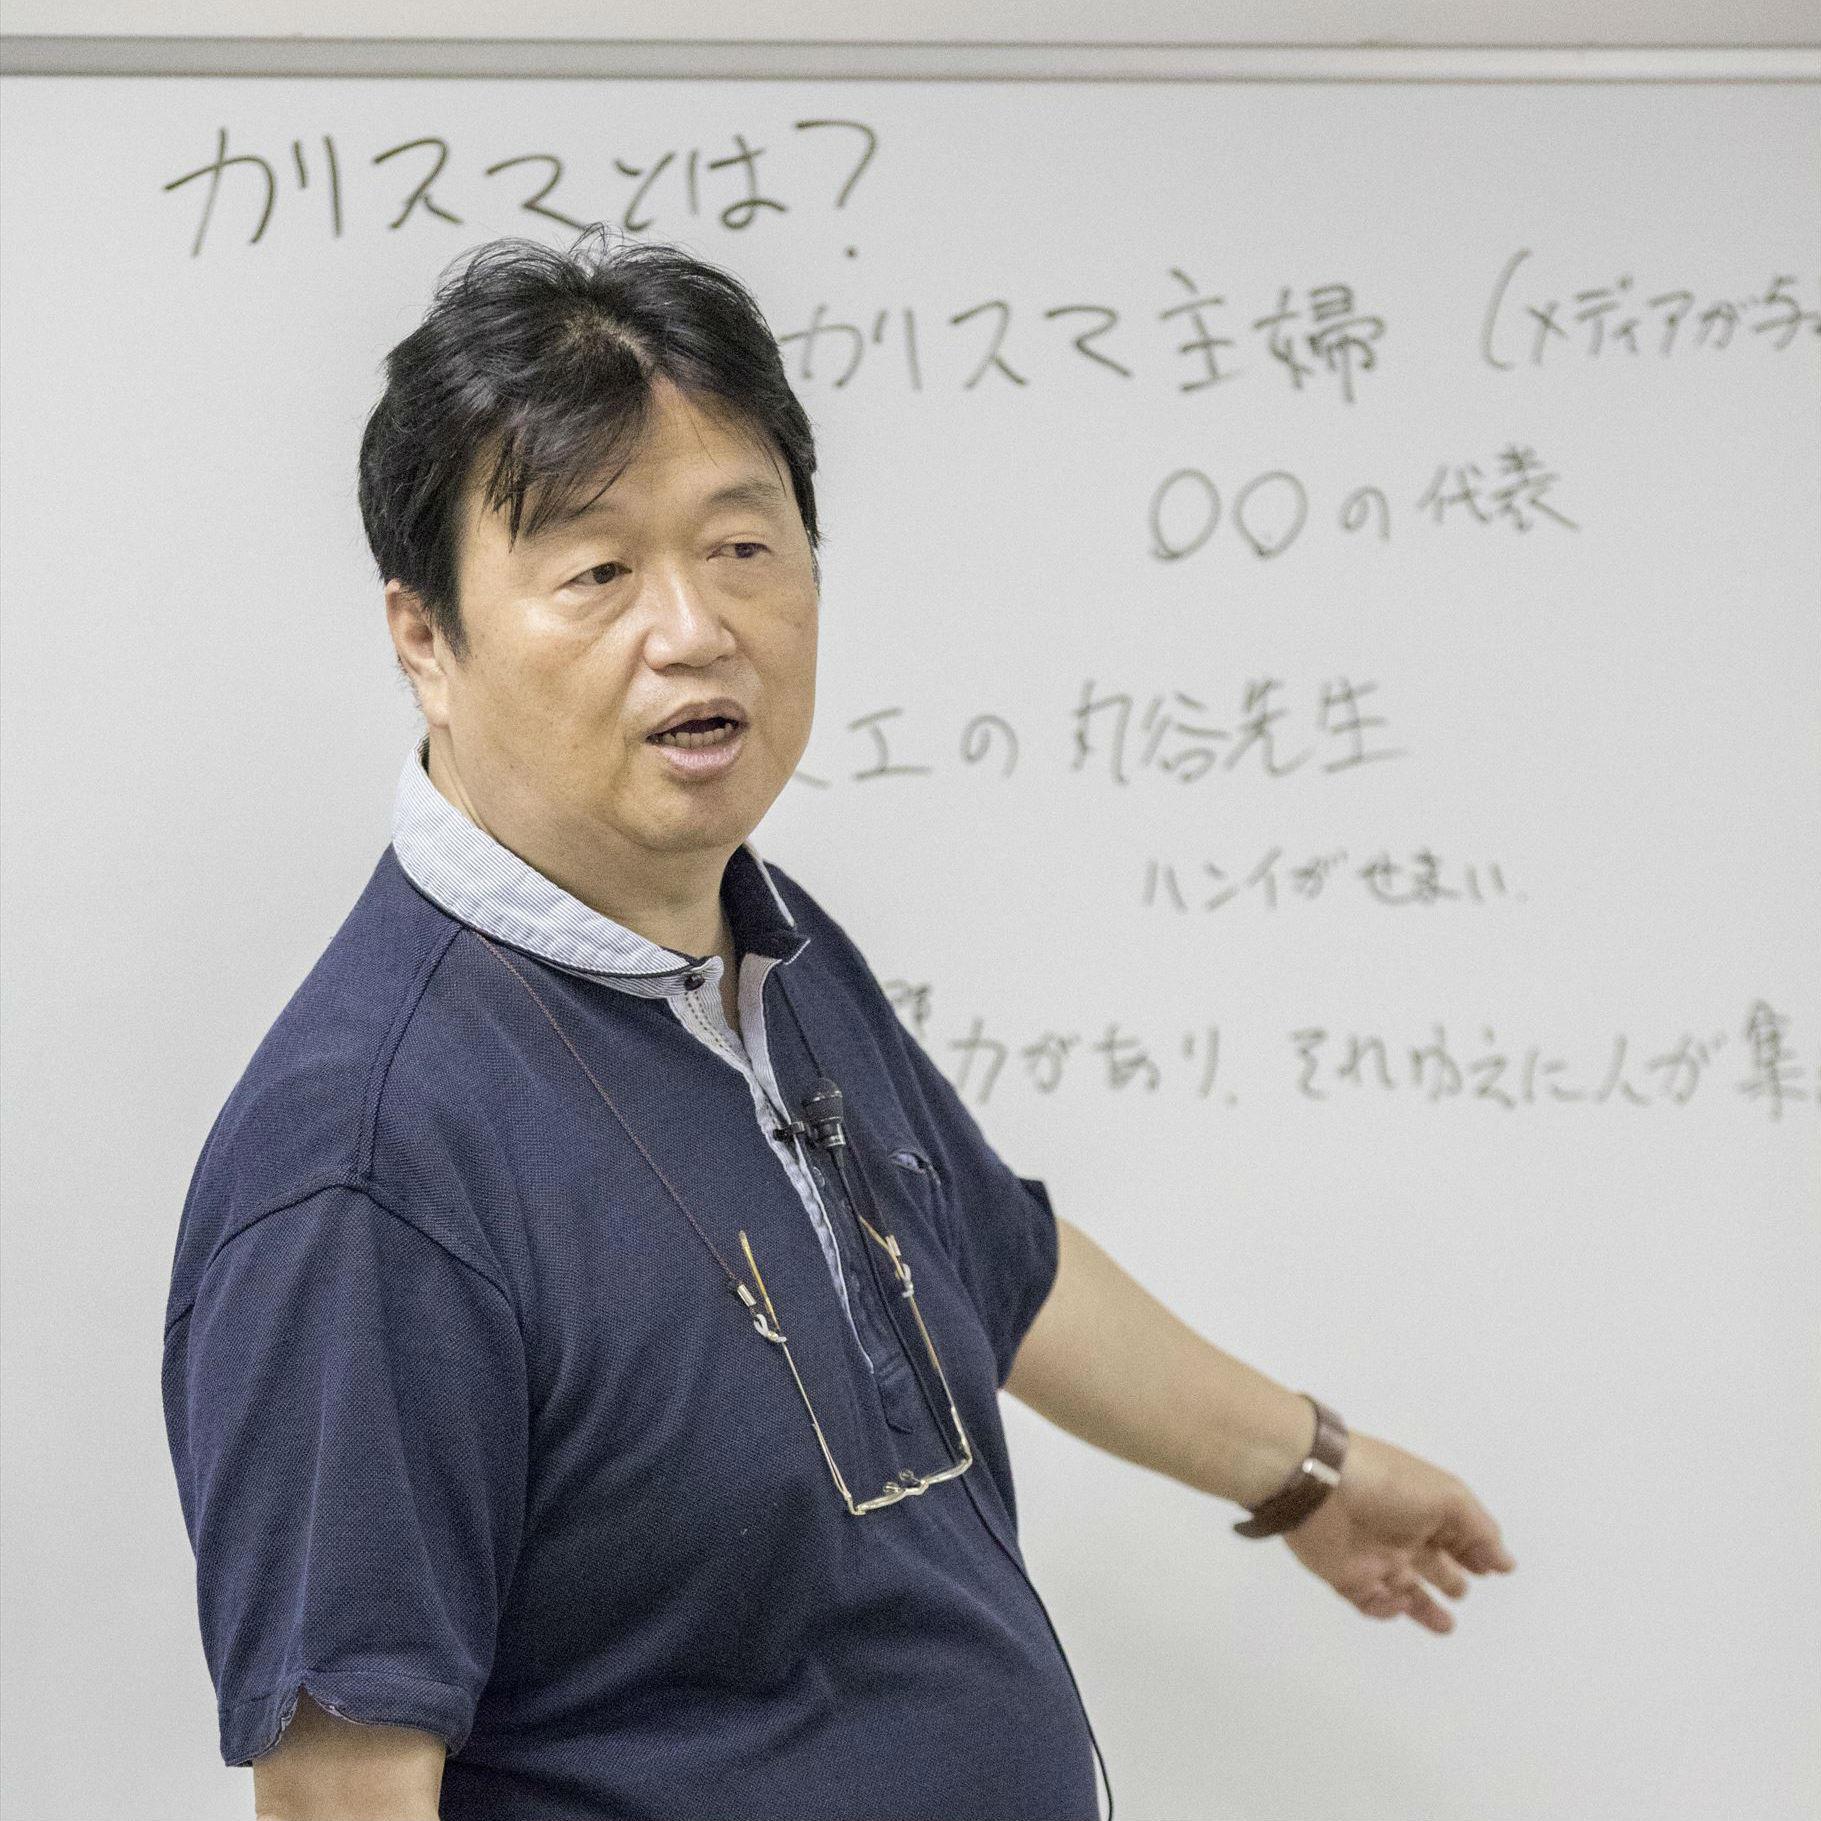 「オタキング」岡田斗司夫は20代をどう生きたか?